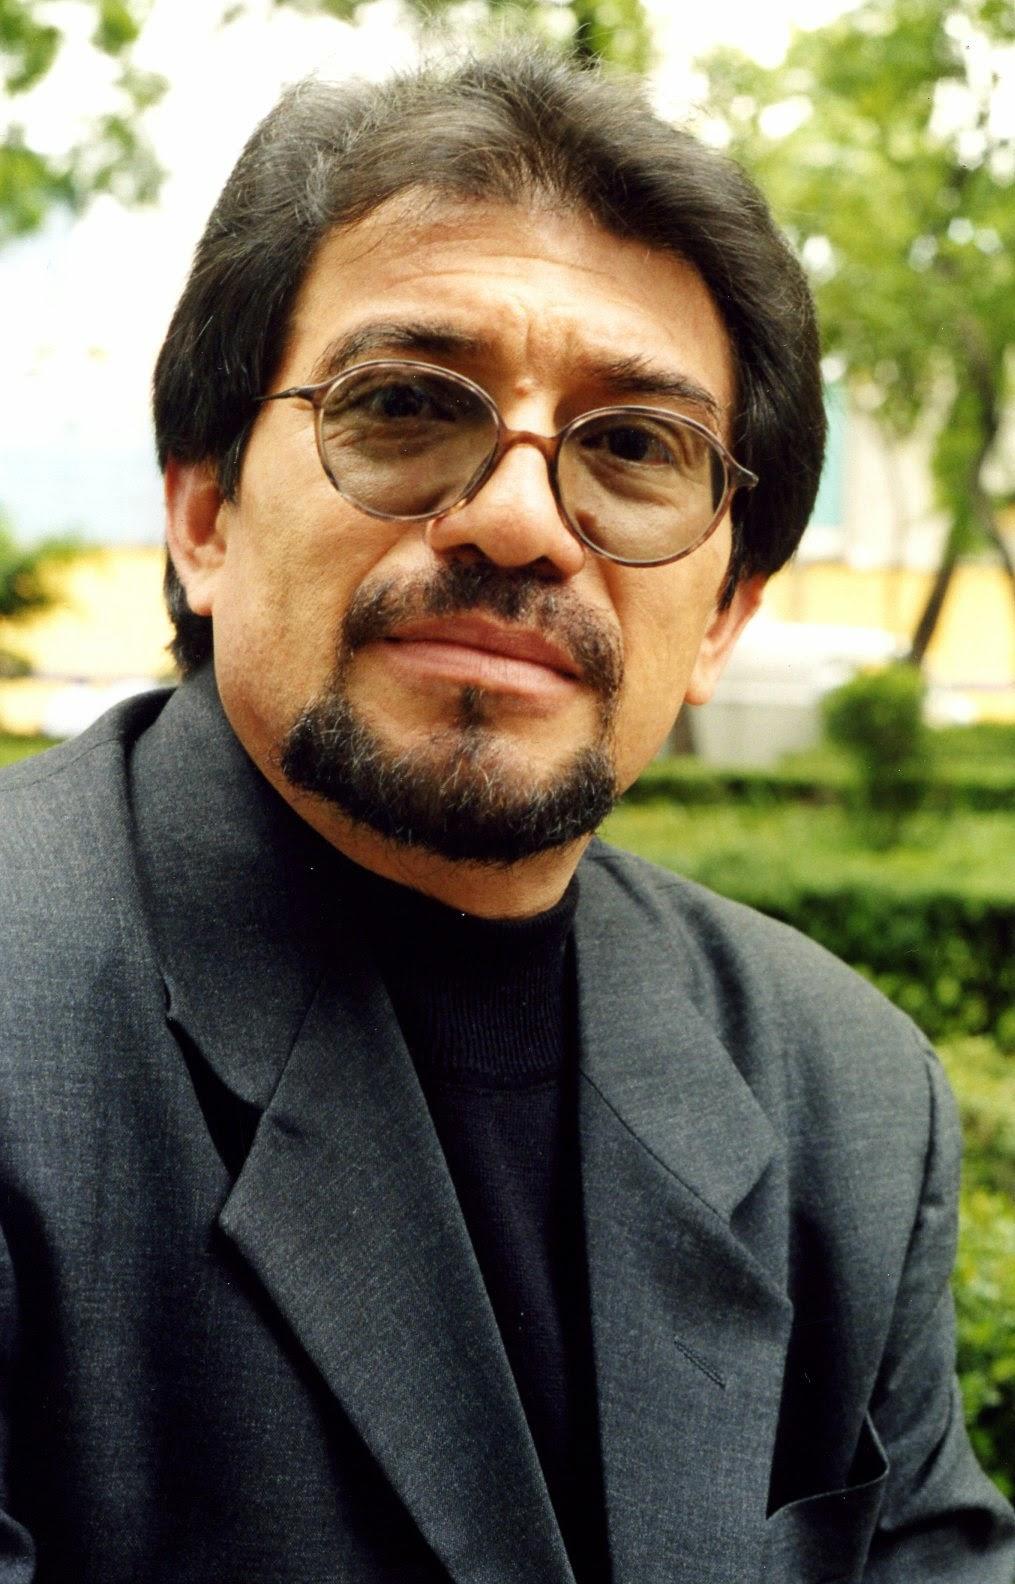 Libros e industria editorial: el negocio contra la cultura. Juan Domingo Argüelles en La Jornada